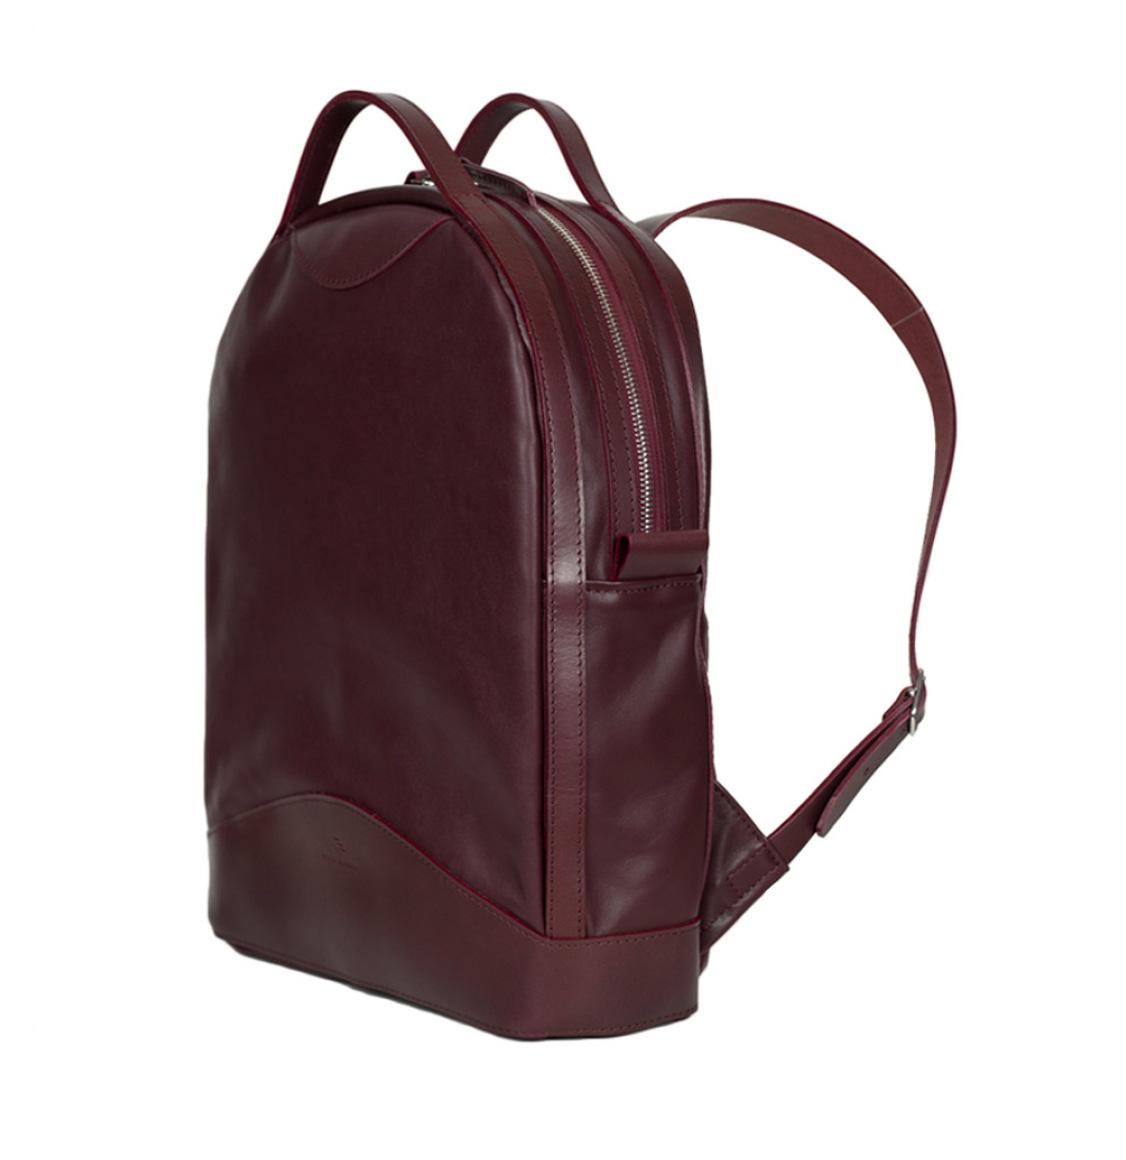 Atelier De L' Armee Voyager Pack Leather Bordeaux